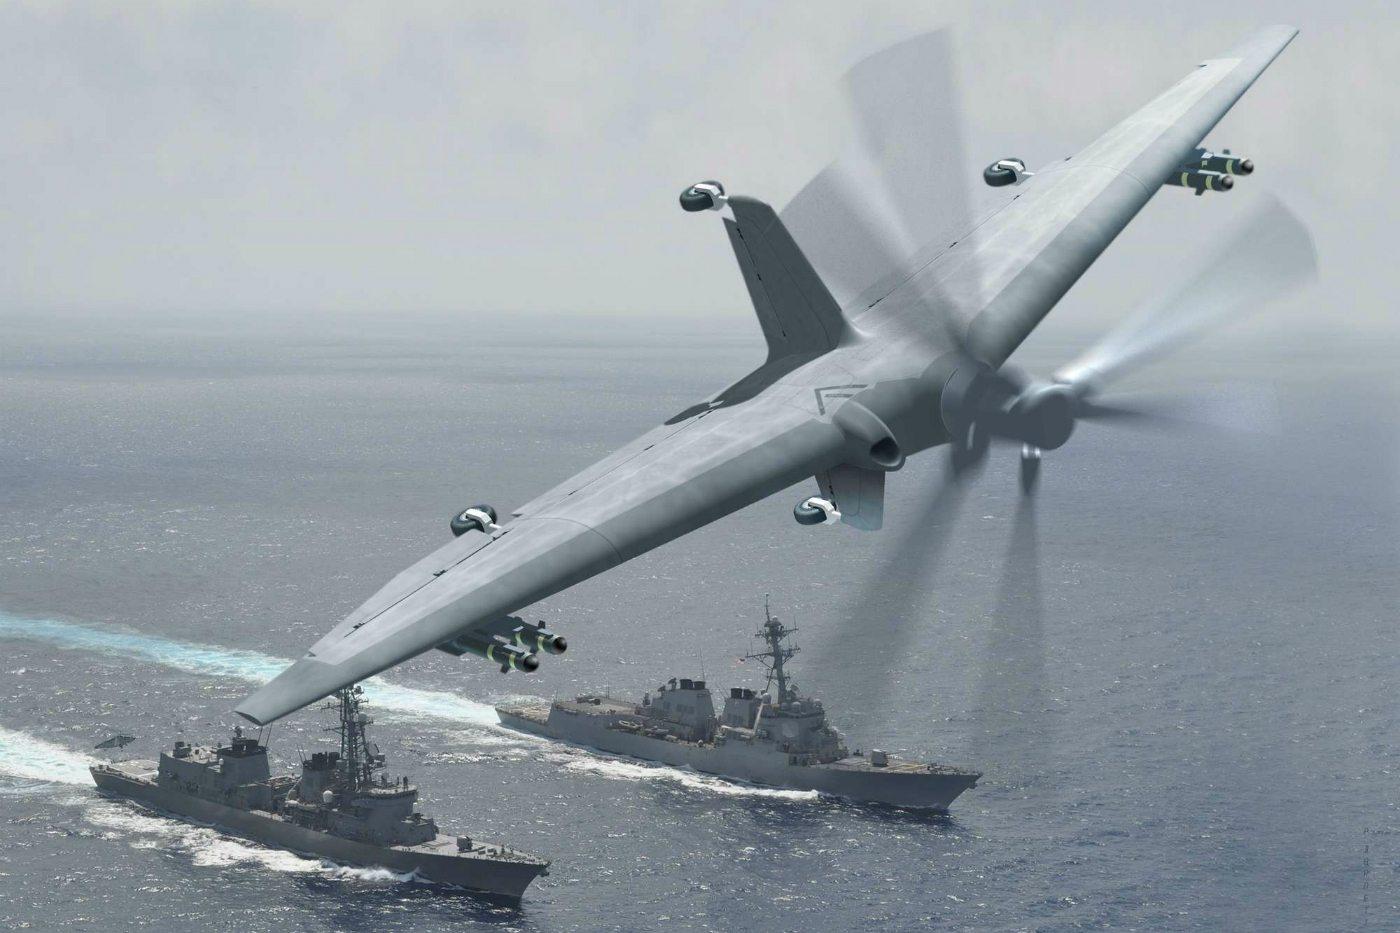 el diseño que actualmente tiene este nuevo drone